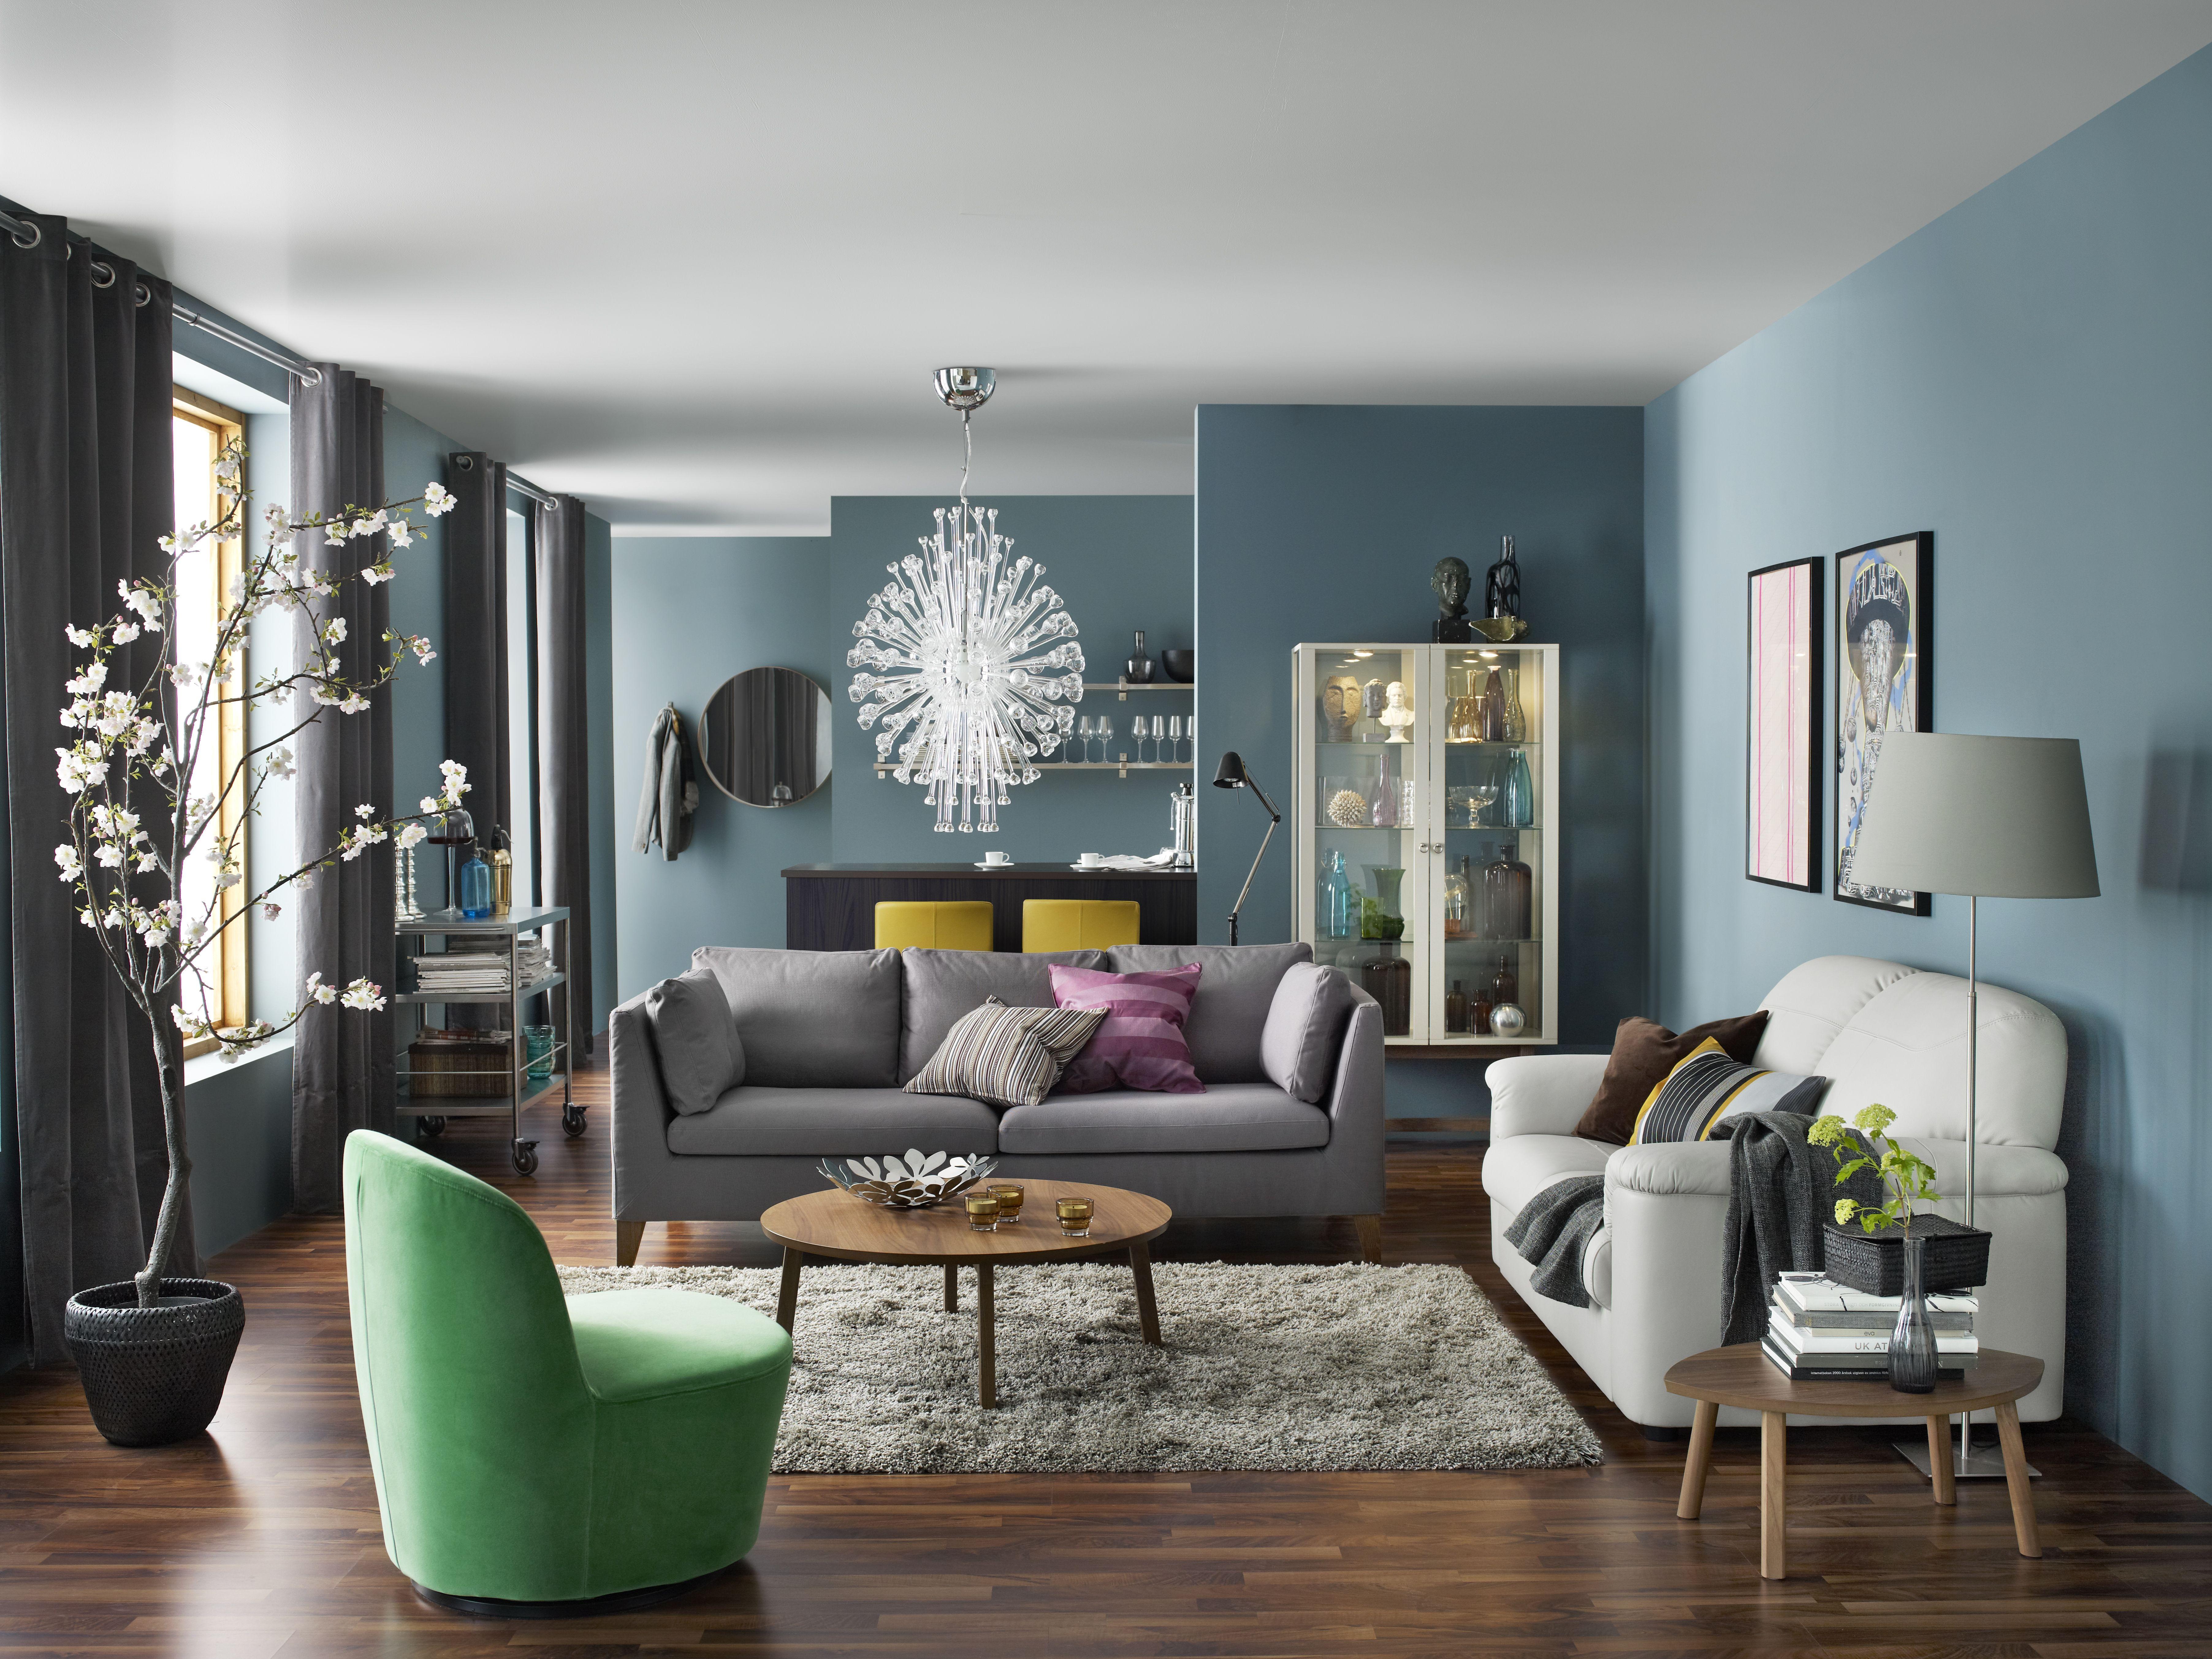 Wonderful Ikea Wohnzimmer PH125710 Good Looking